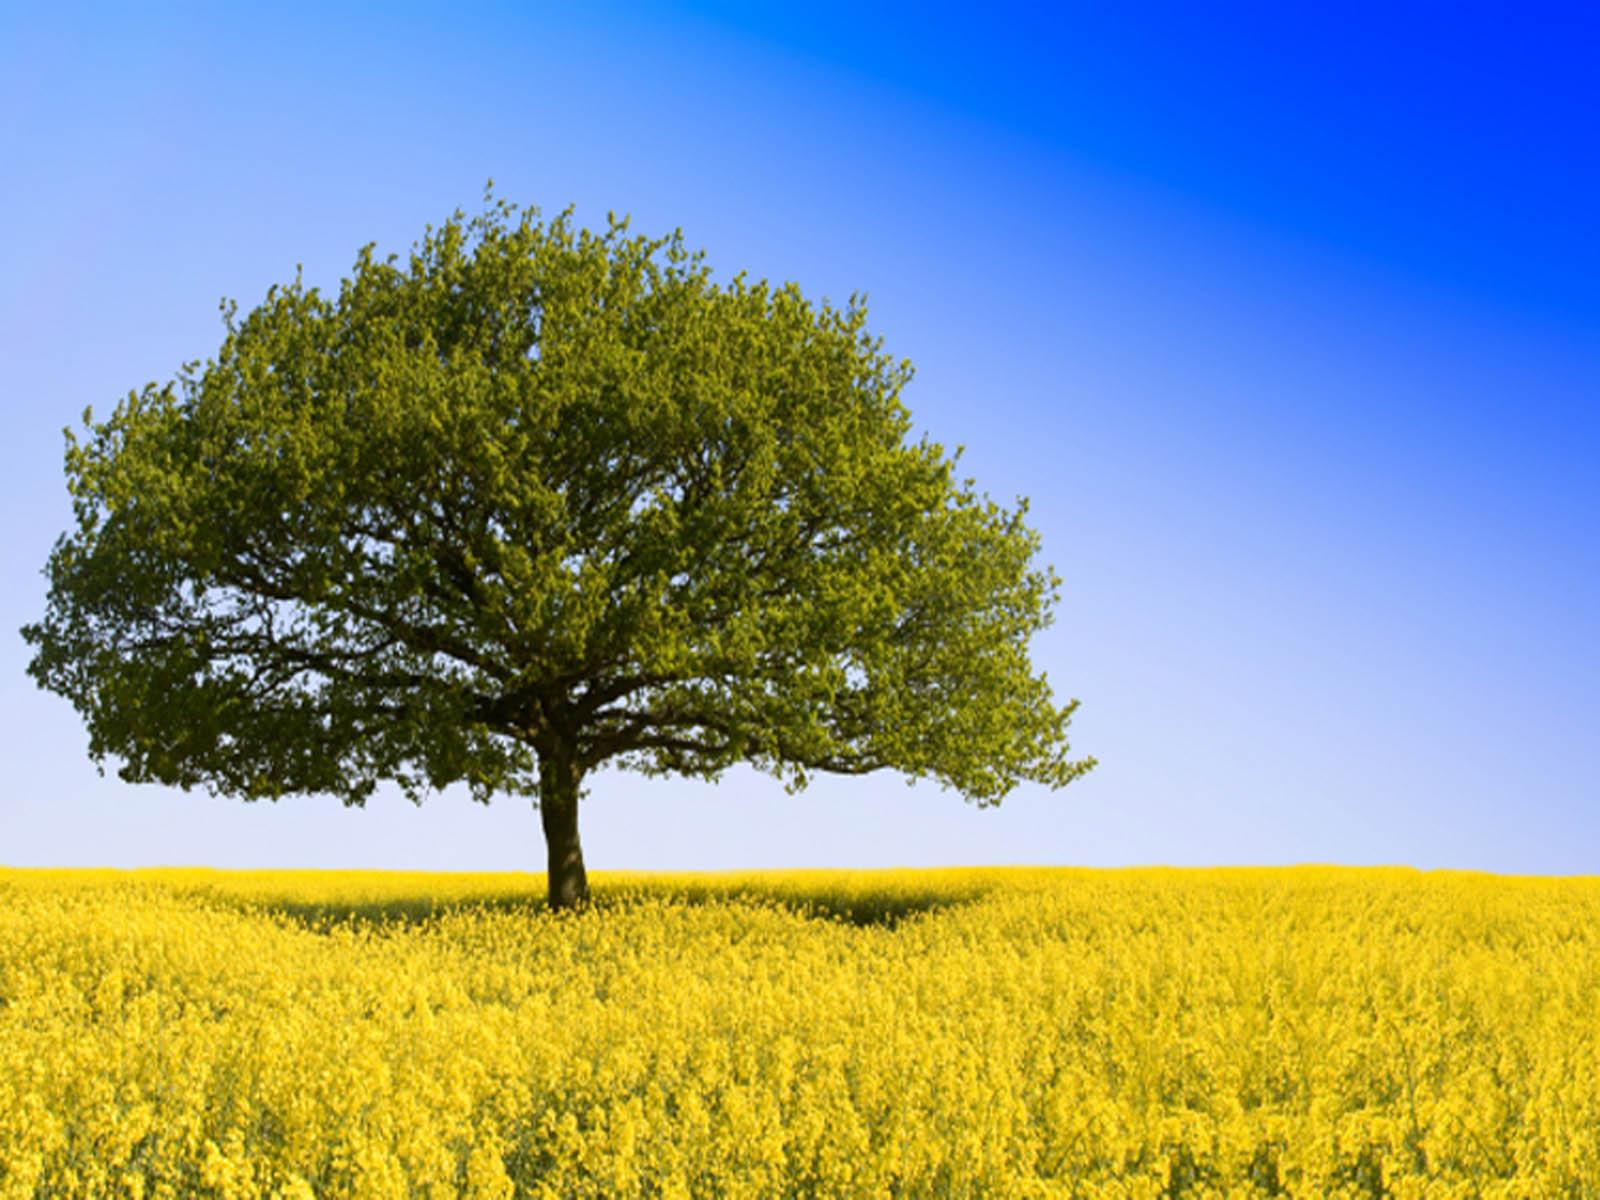 Bmw 3d Hd Wallpapers Wallpaper Tree In Field